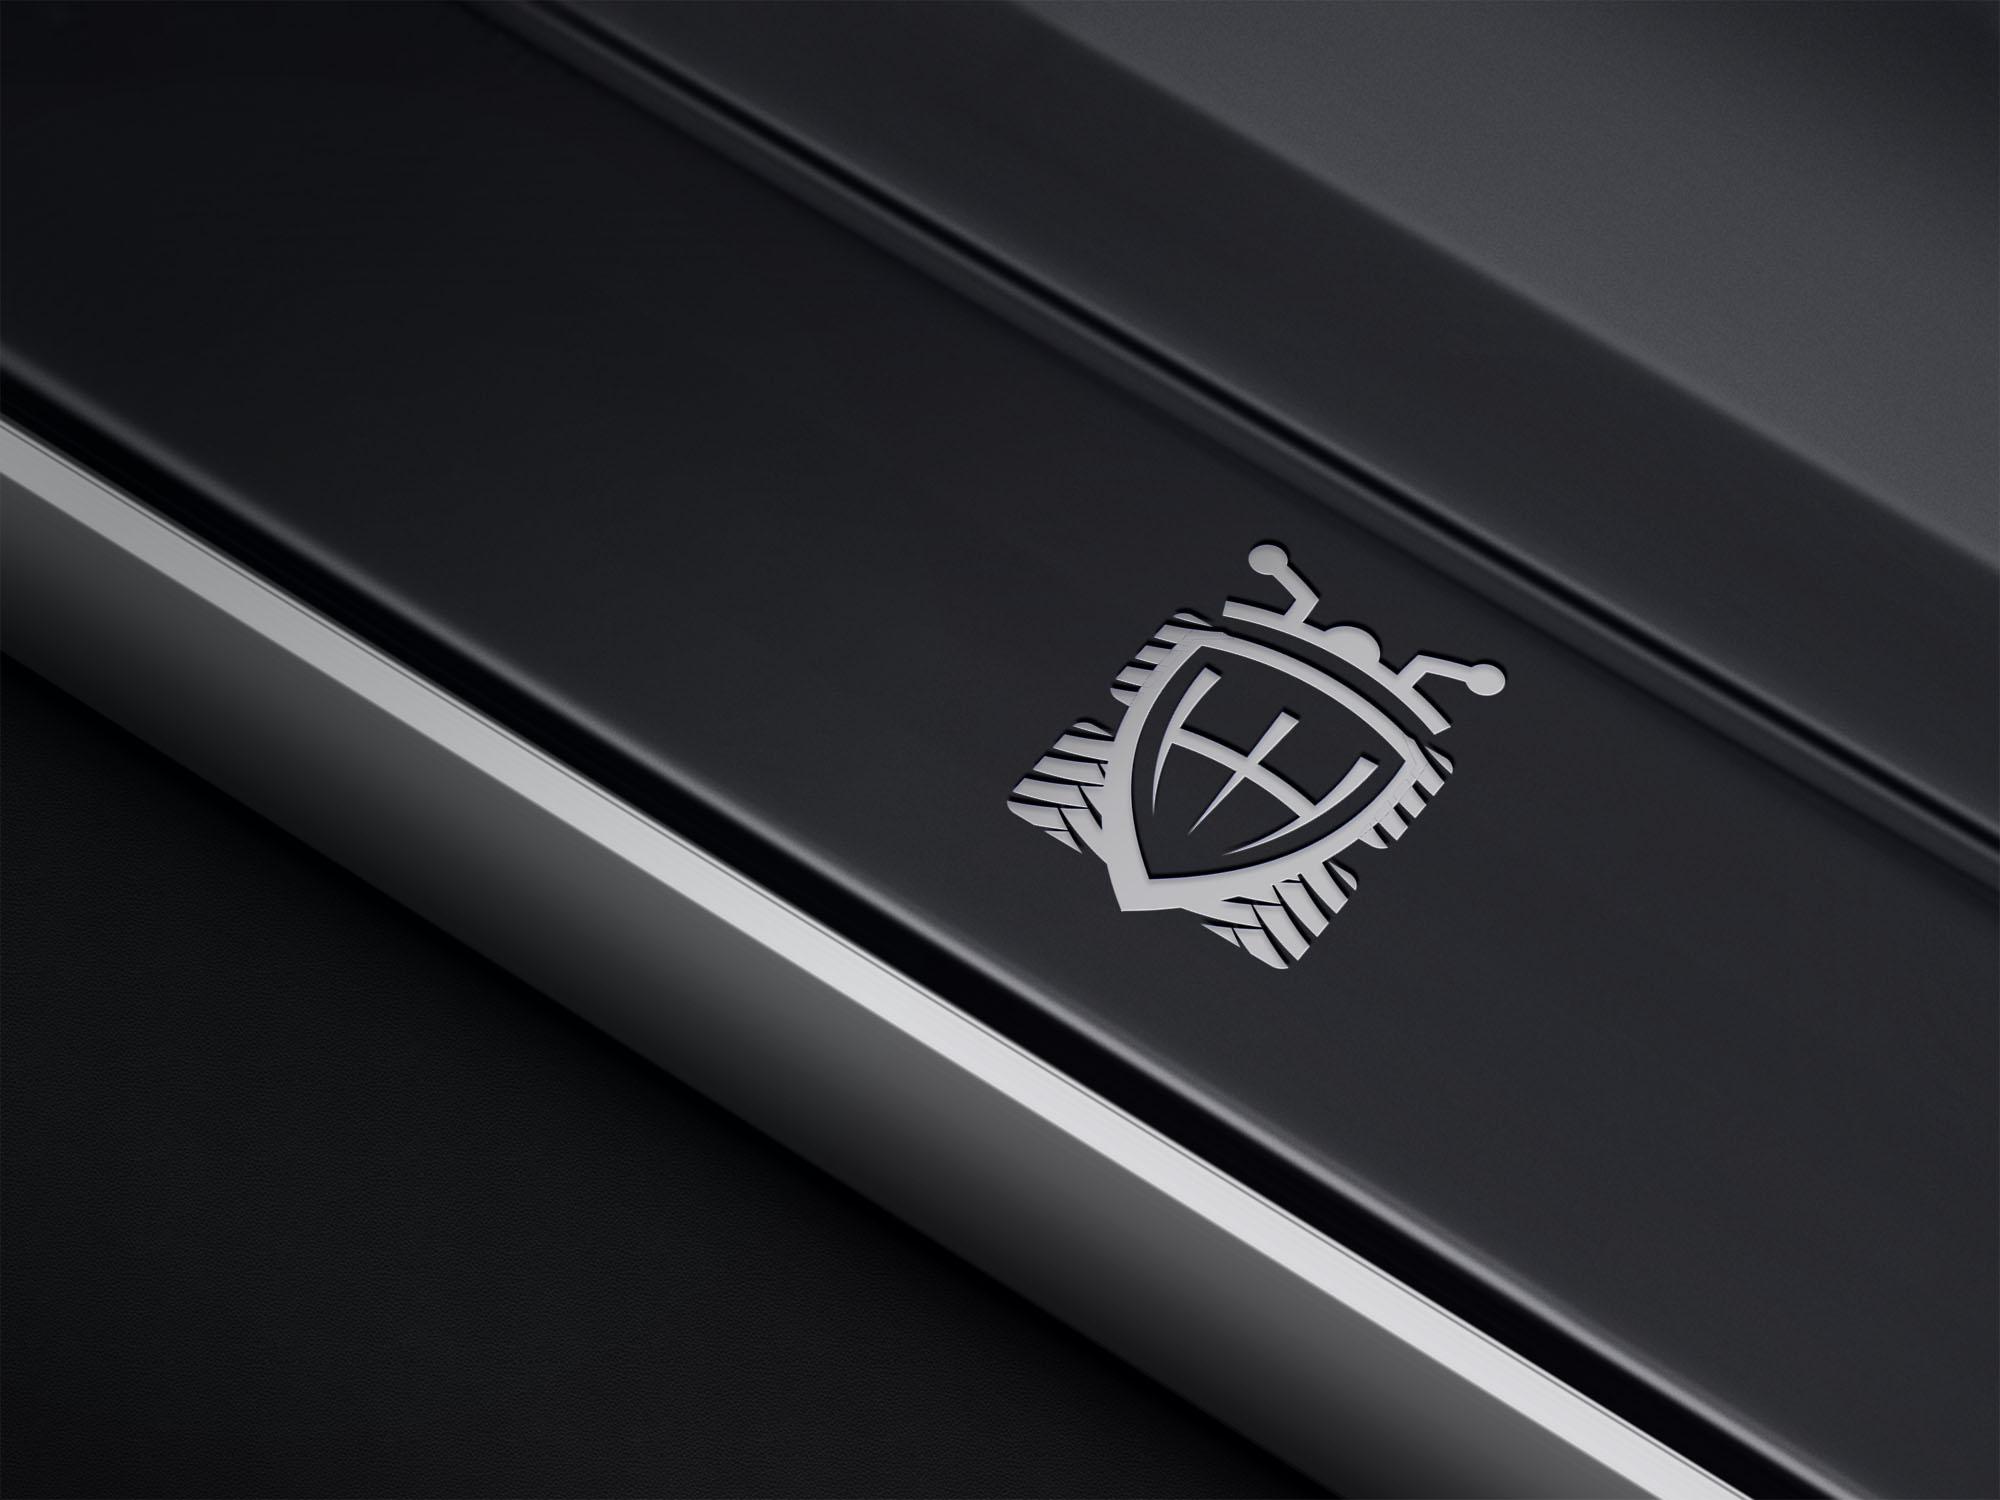 Нужен логотип (эмблема) для самодельного квадроцикла фото f_7355b02fa6e718fb.jpg